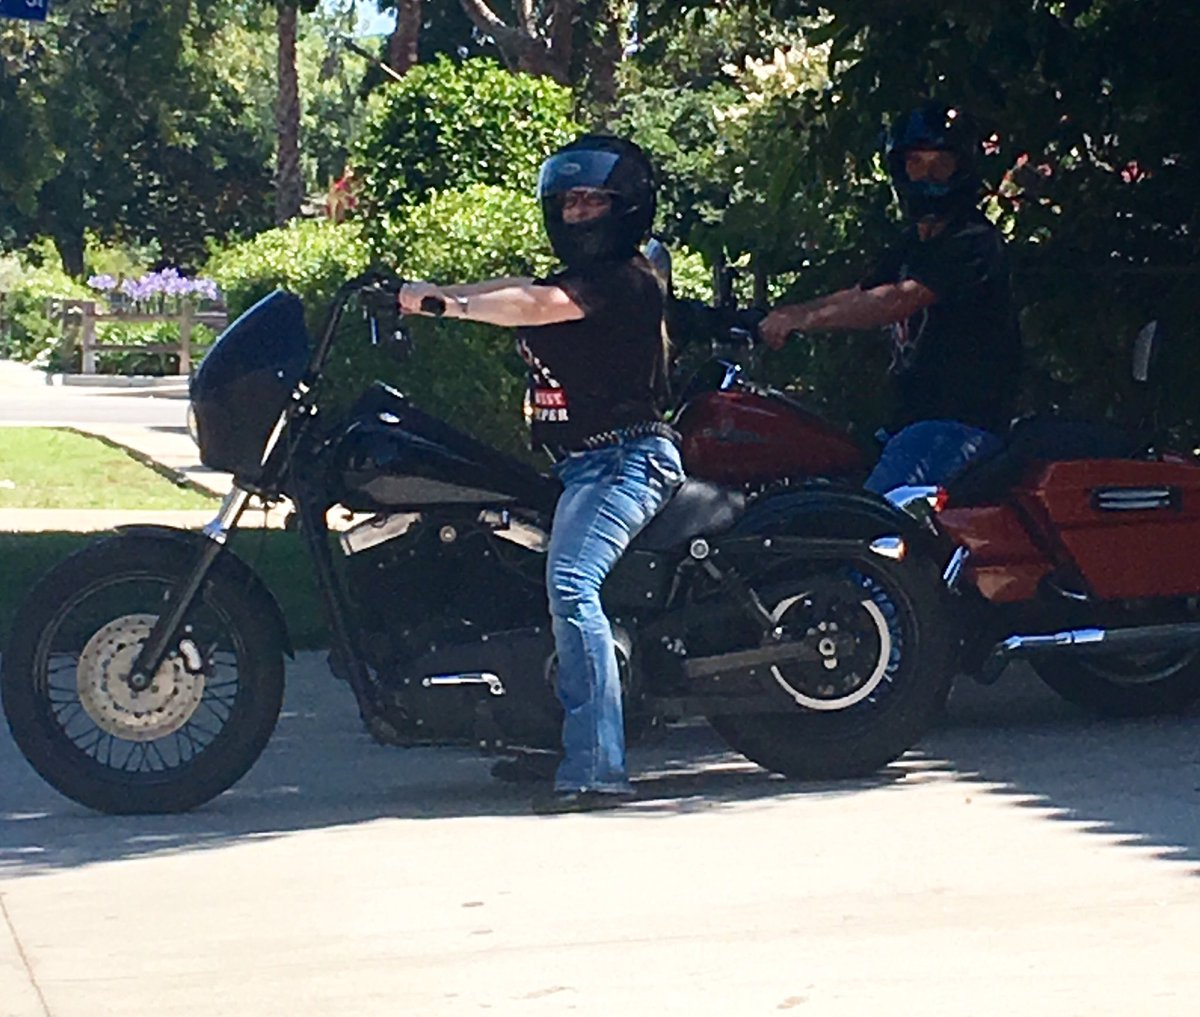 #HarleyDavidson #dyna #clubsavannahjane #bigboobs #bigbutt #pornstar #supportyourlocal81 #bigredmachine